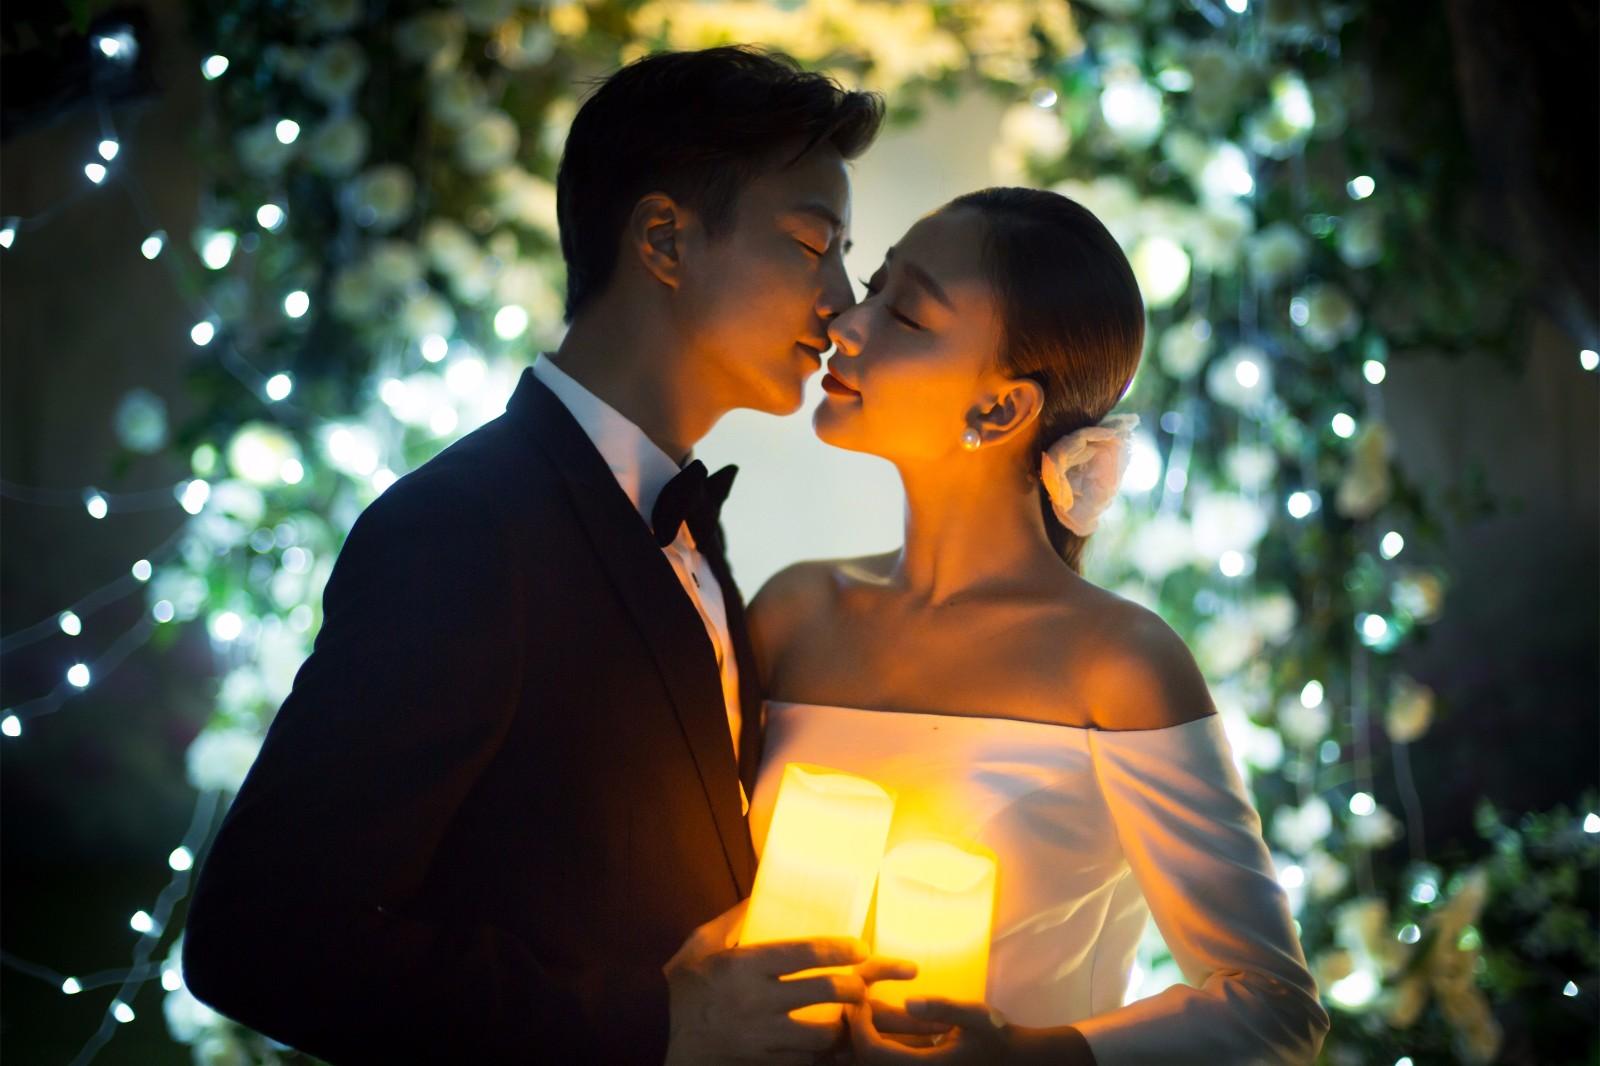 结婚红包怎么写?婚礼红包这样写上祝福语才得体大方!